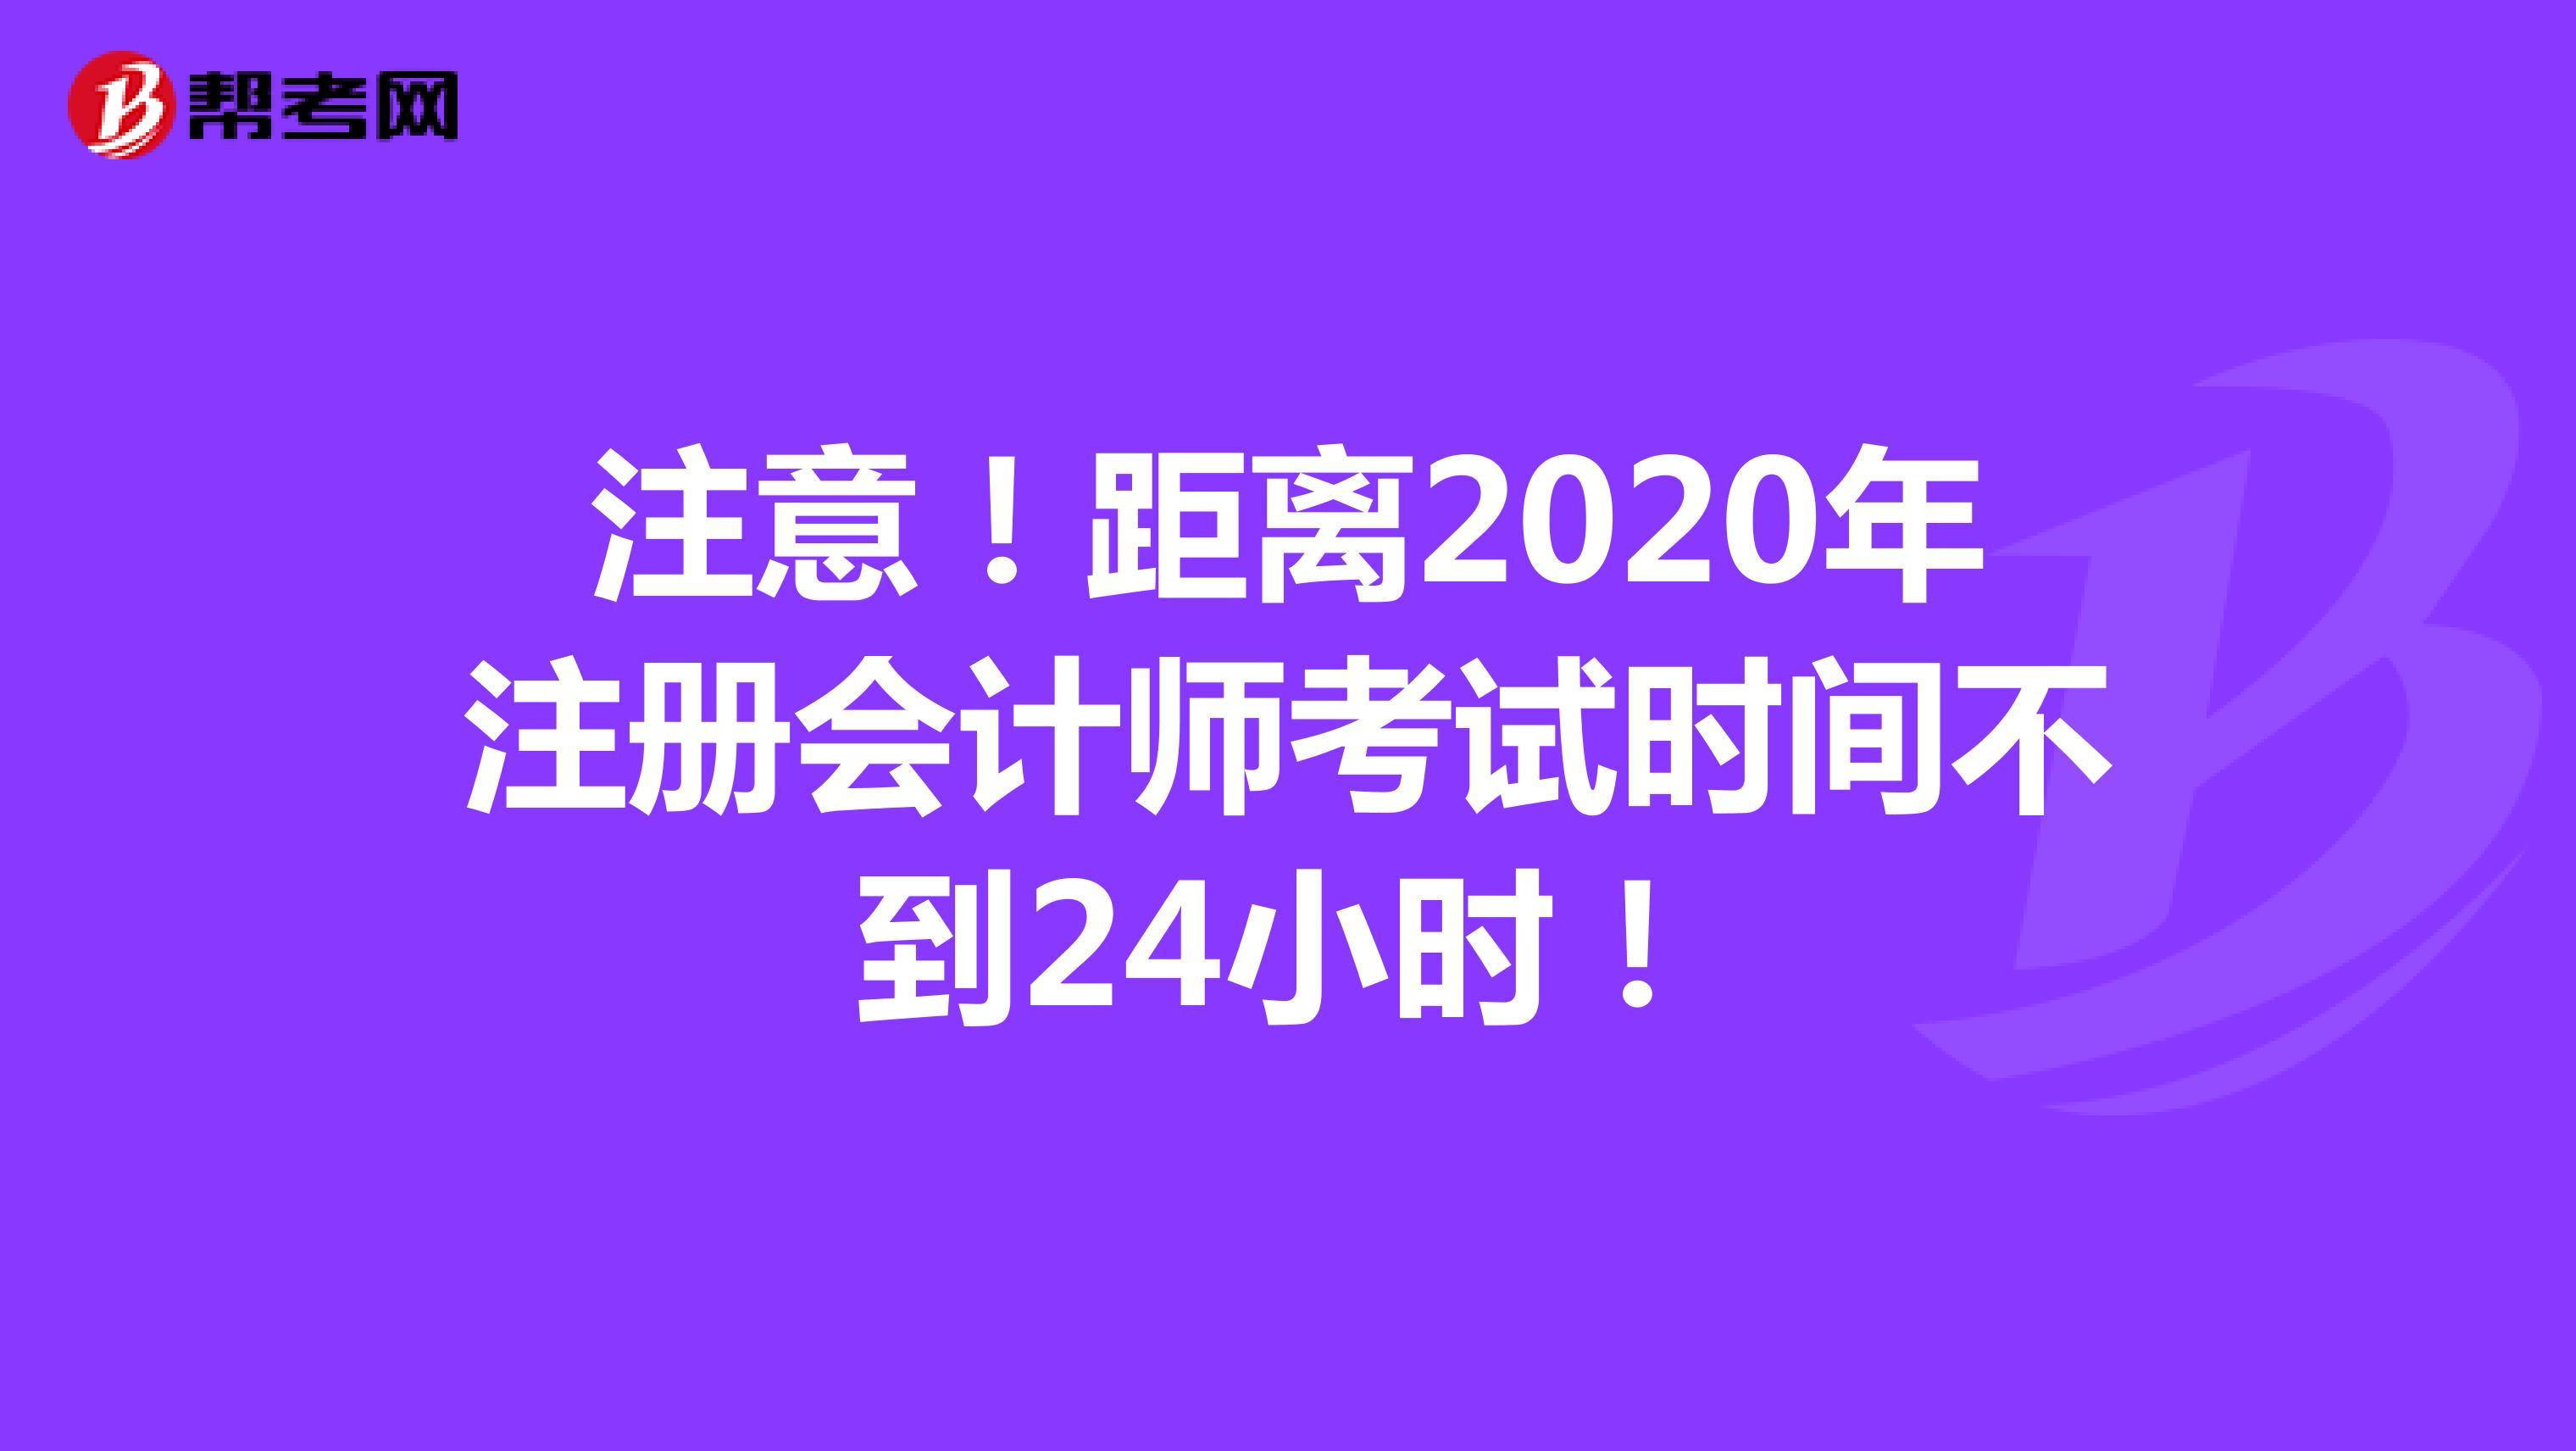 注意!距离2020年【hot88热竞技提款】注册会计师考试时间不到24小时!